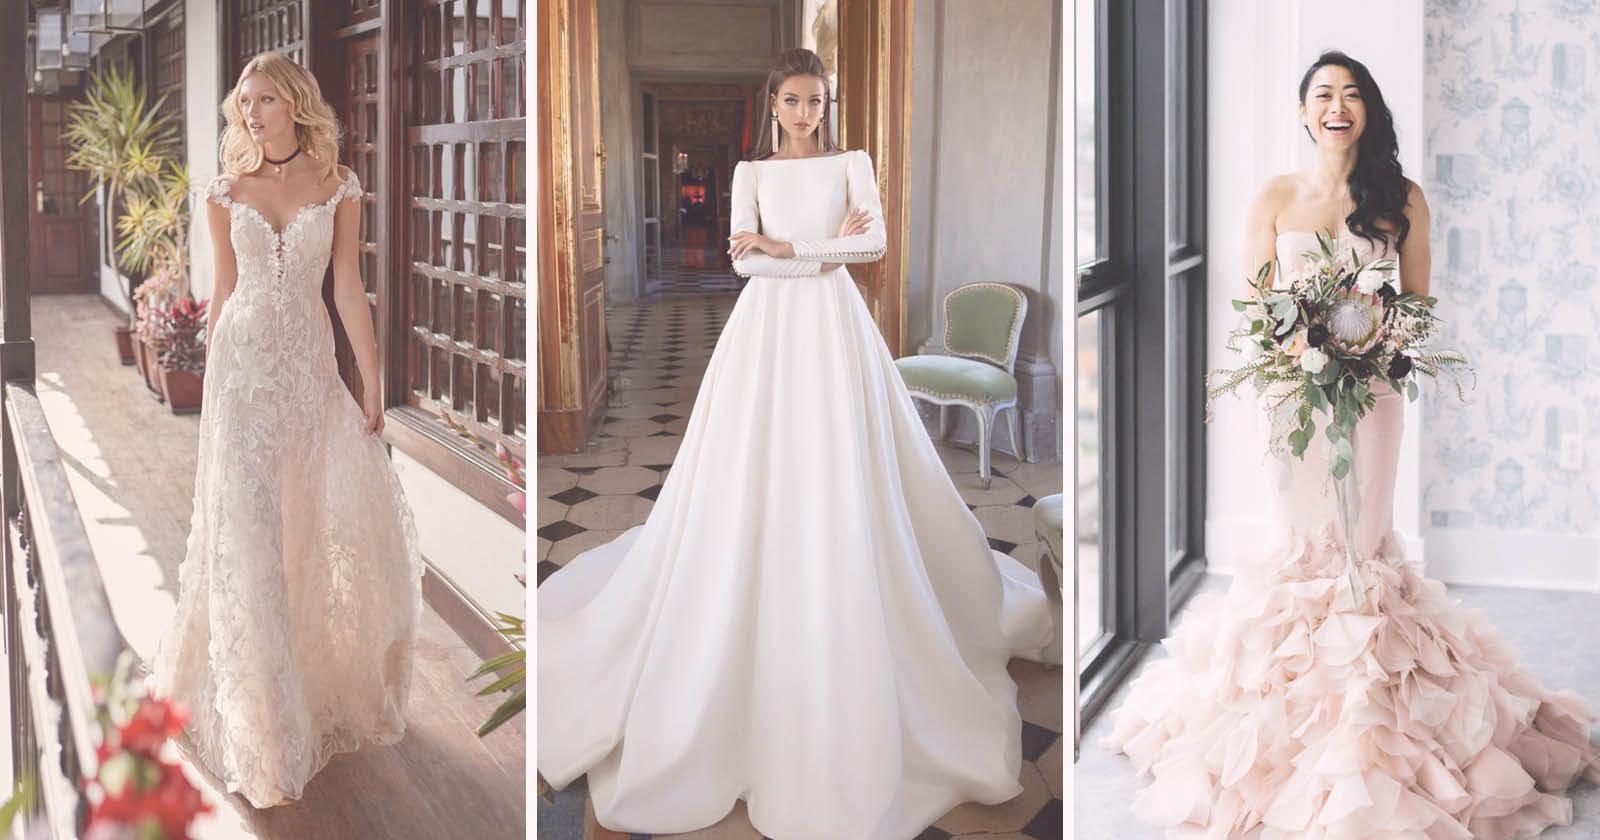 Na imagem vemos três fotos de 3 noivas com vestidos diferentes